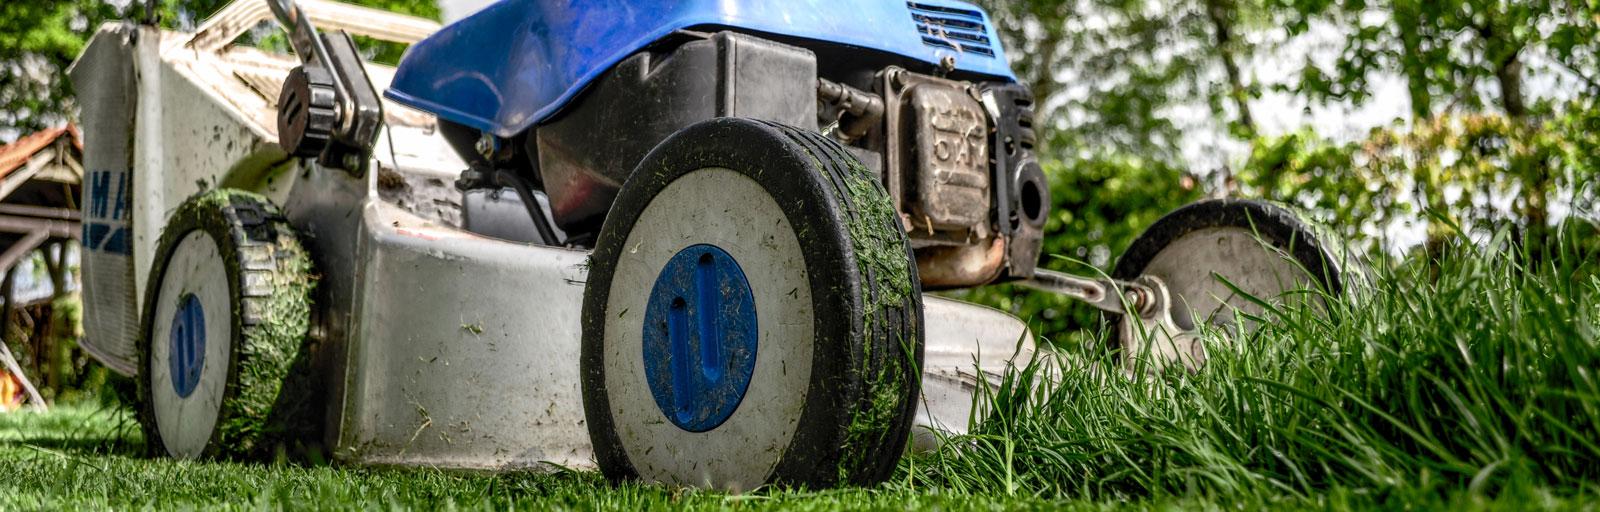 Voor al uw tuin onderhoud